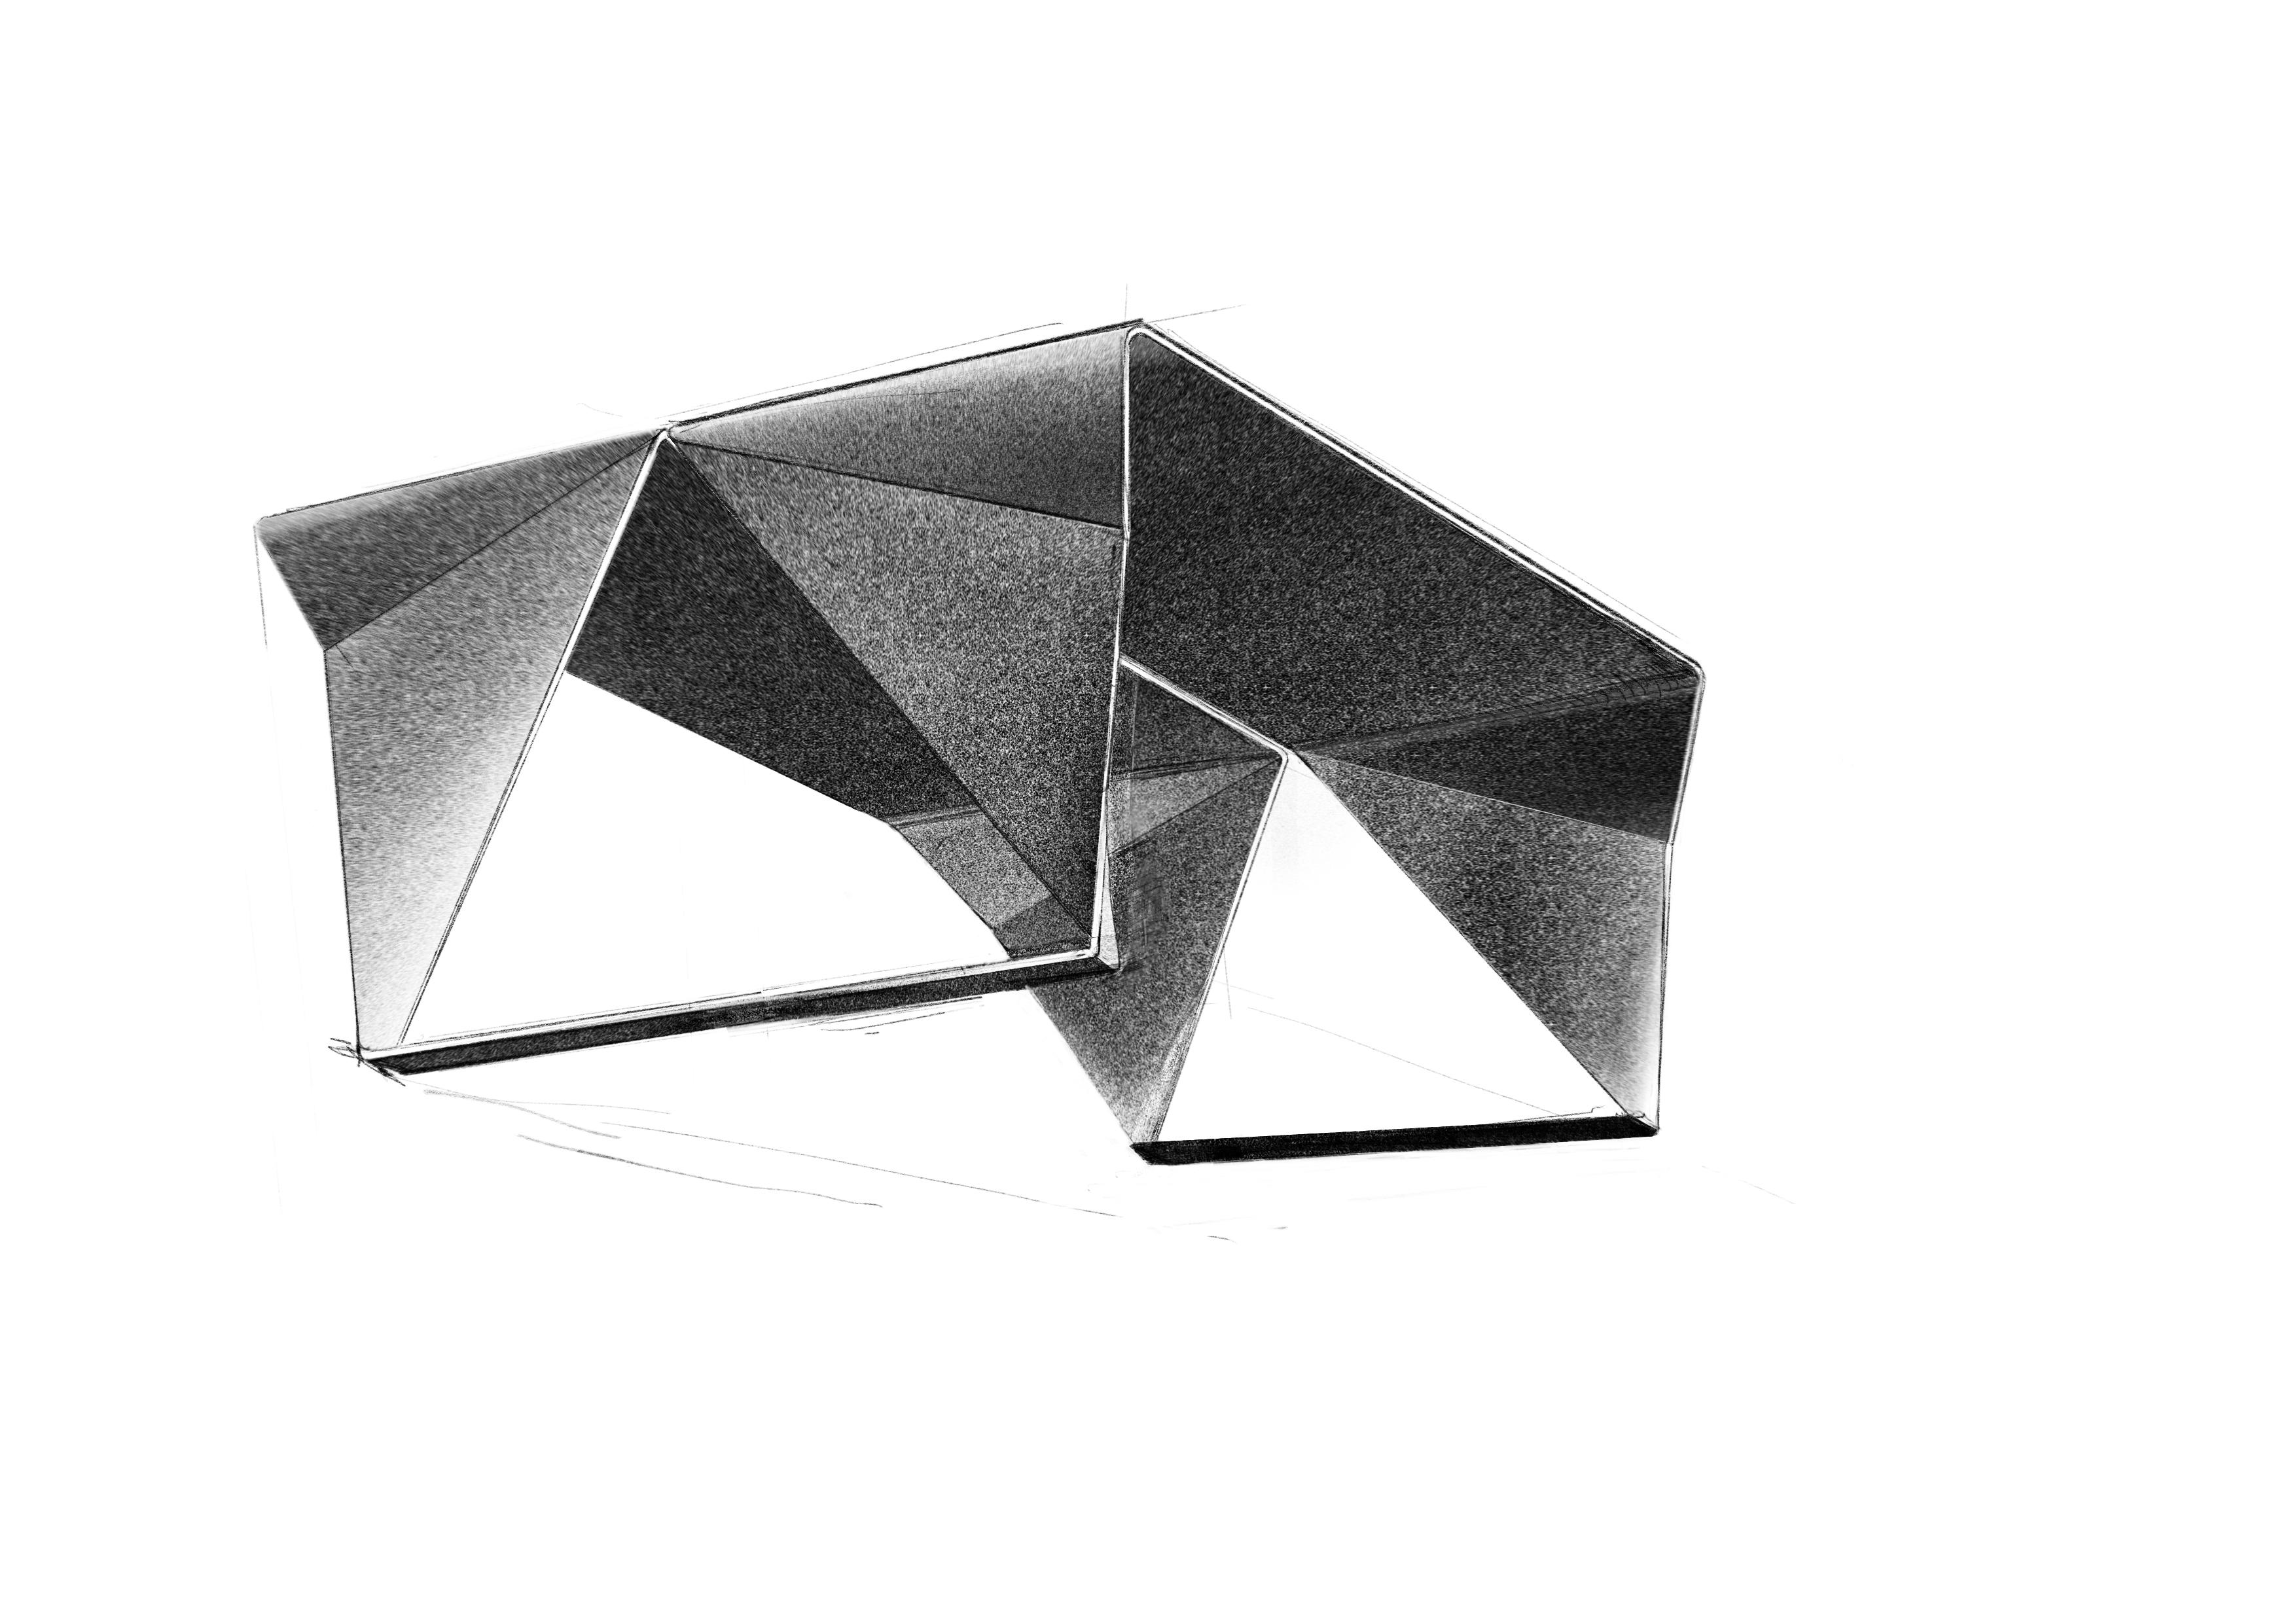 Table D-PLI by NAOM